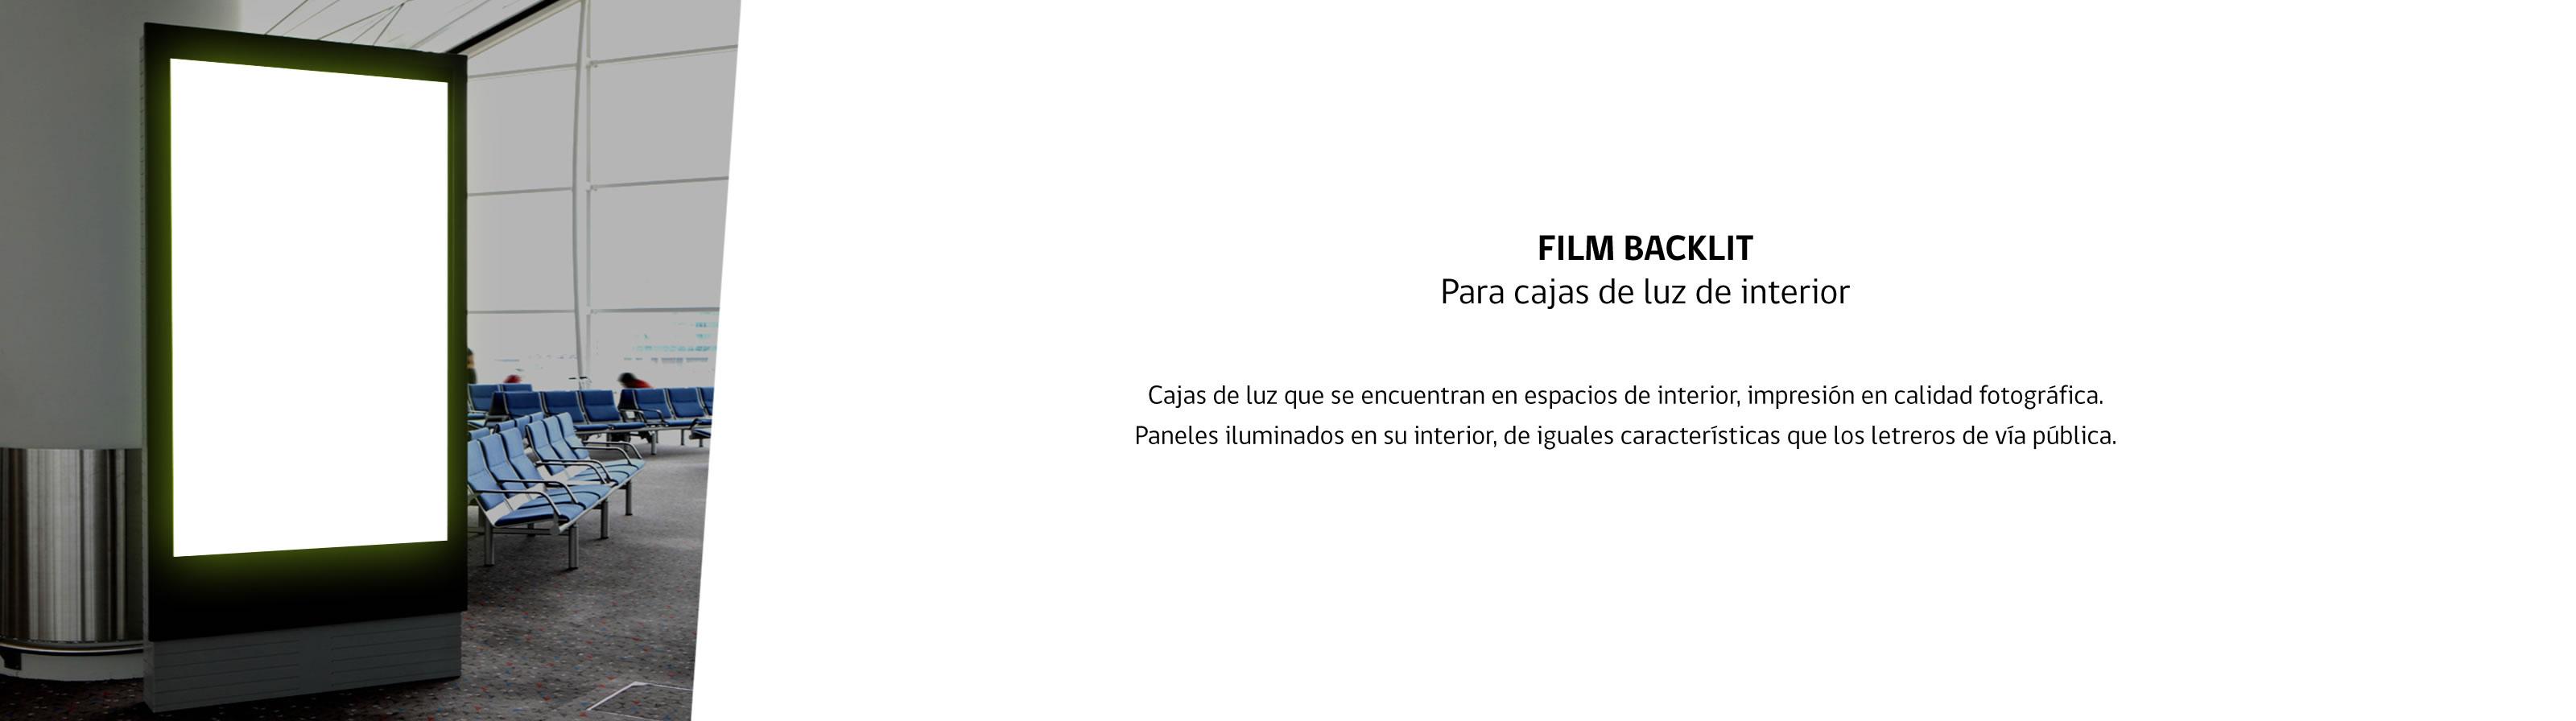 Film Backlite